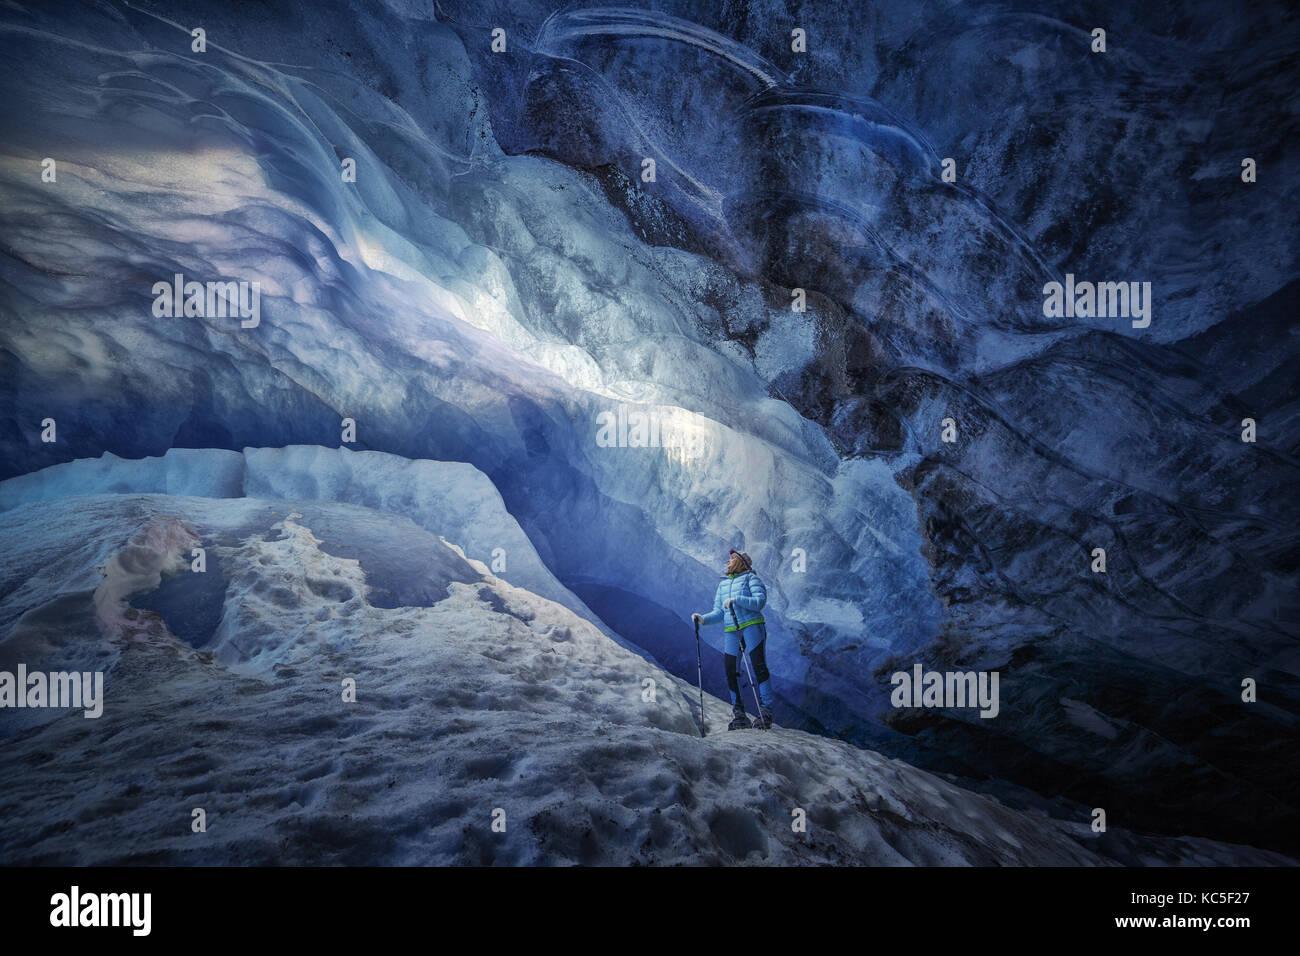 Explorer Mädchen in einer Eishöhle während einer Fotografie Expedition im Athabasca Gletscher Stockbild